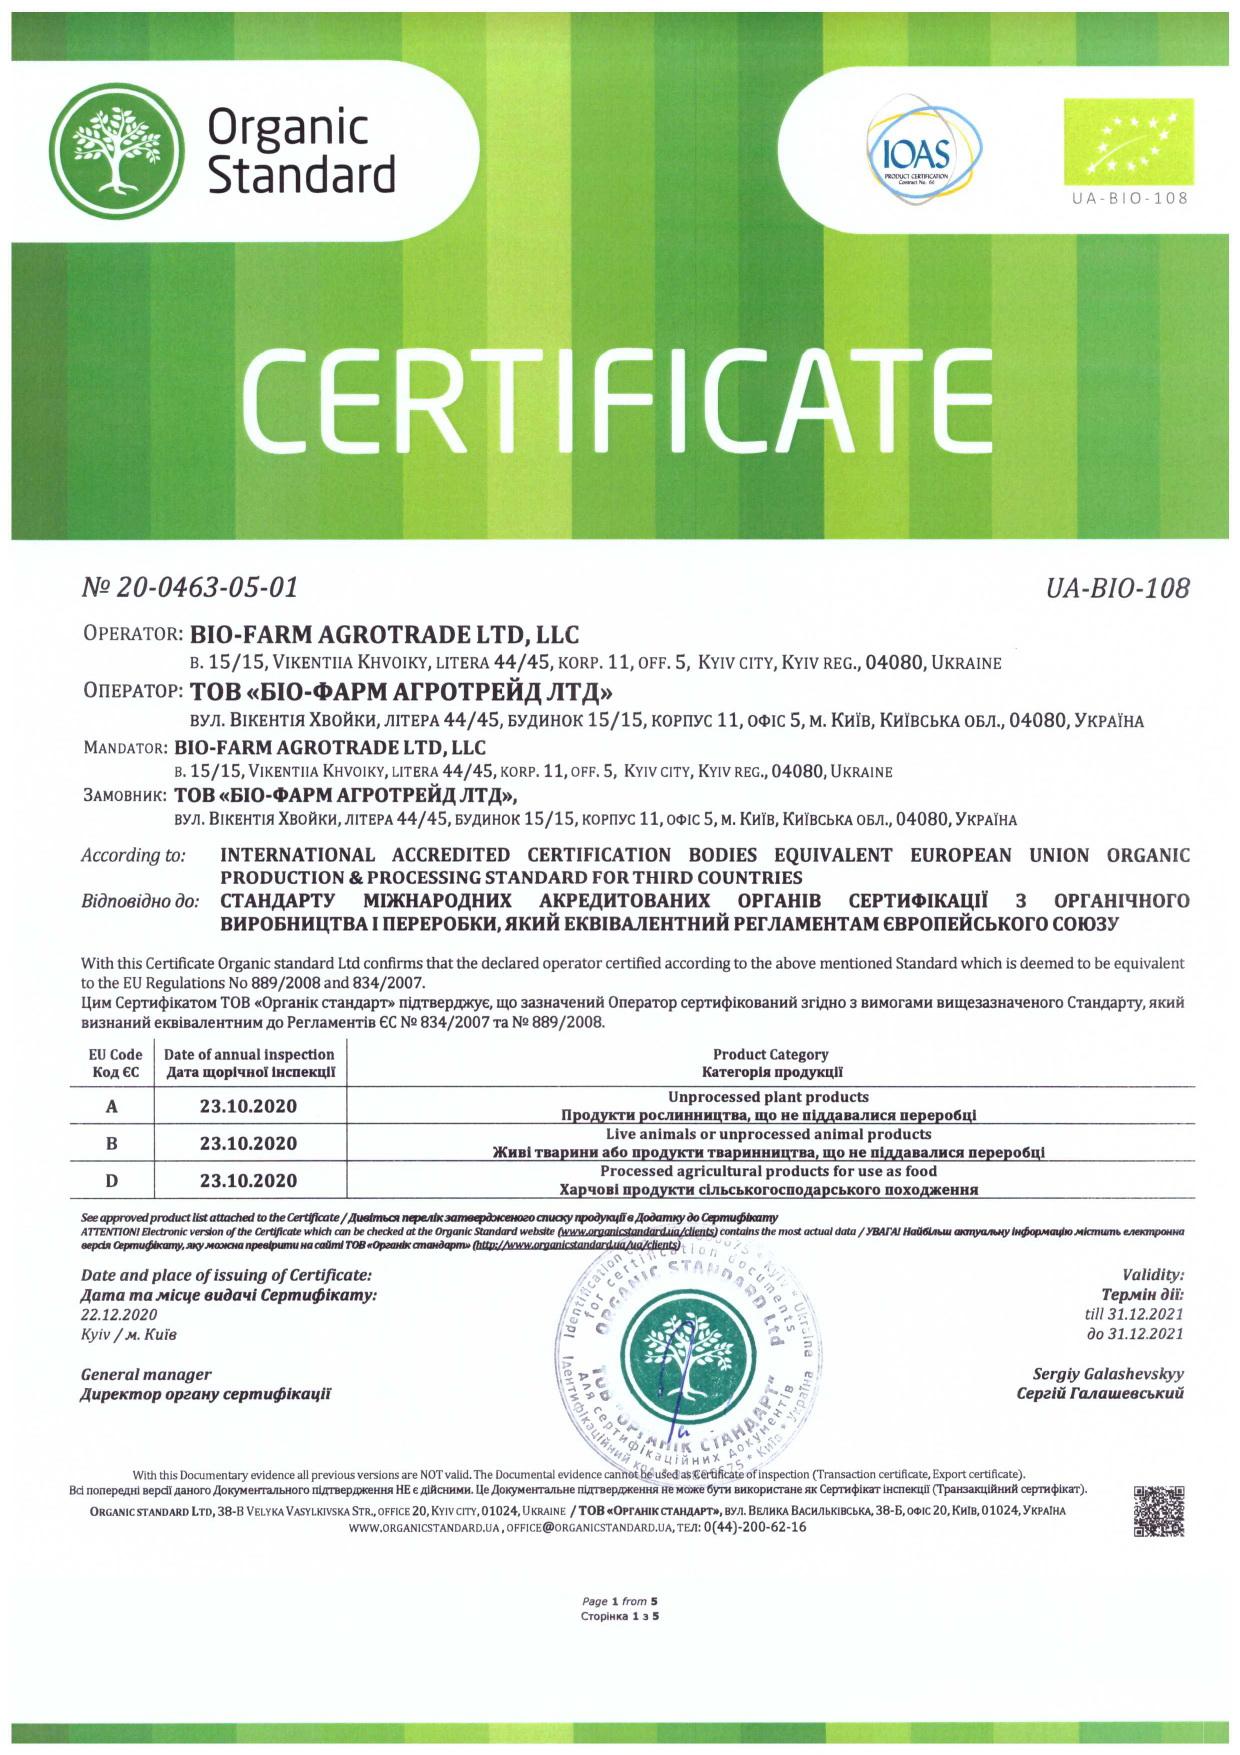 сертифікат органіки